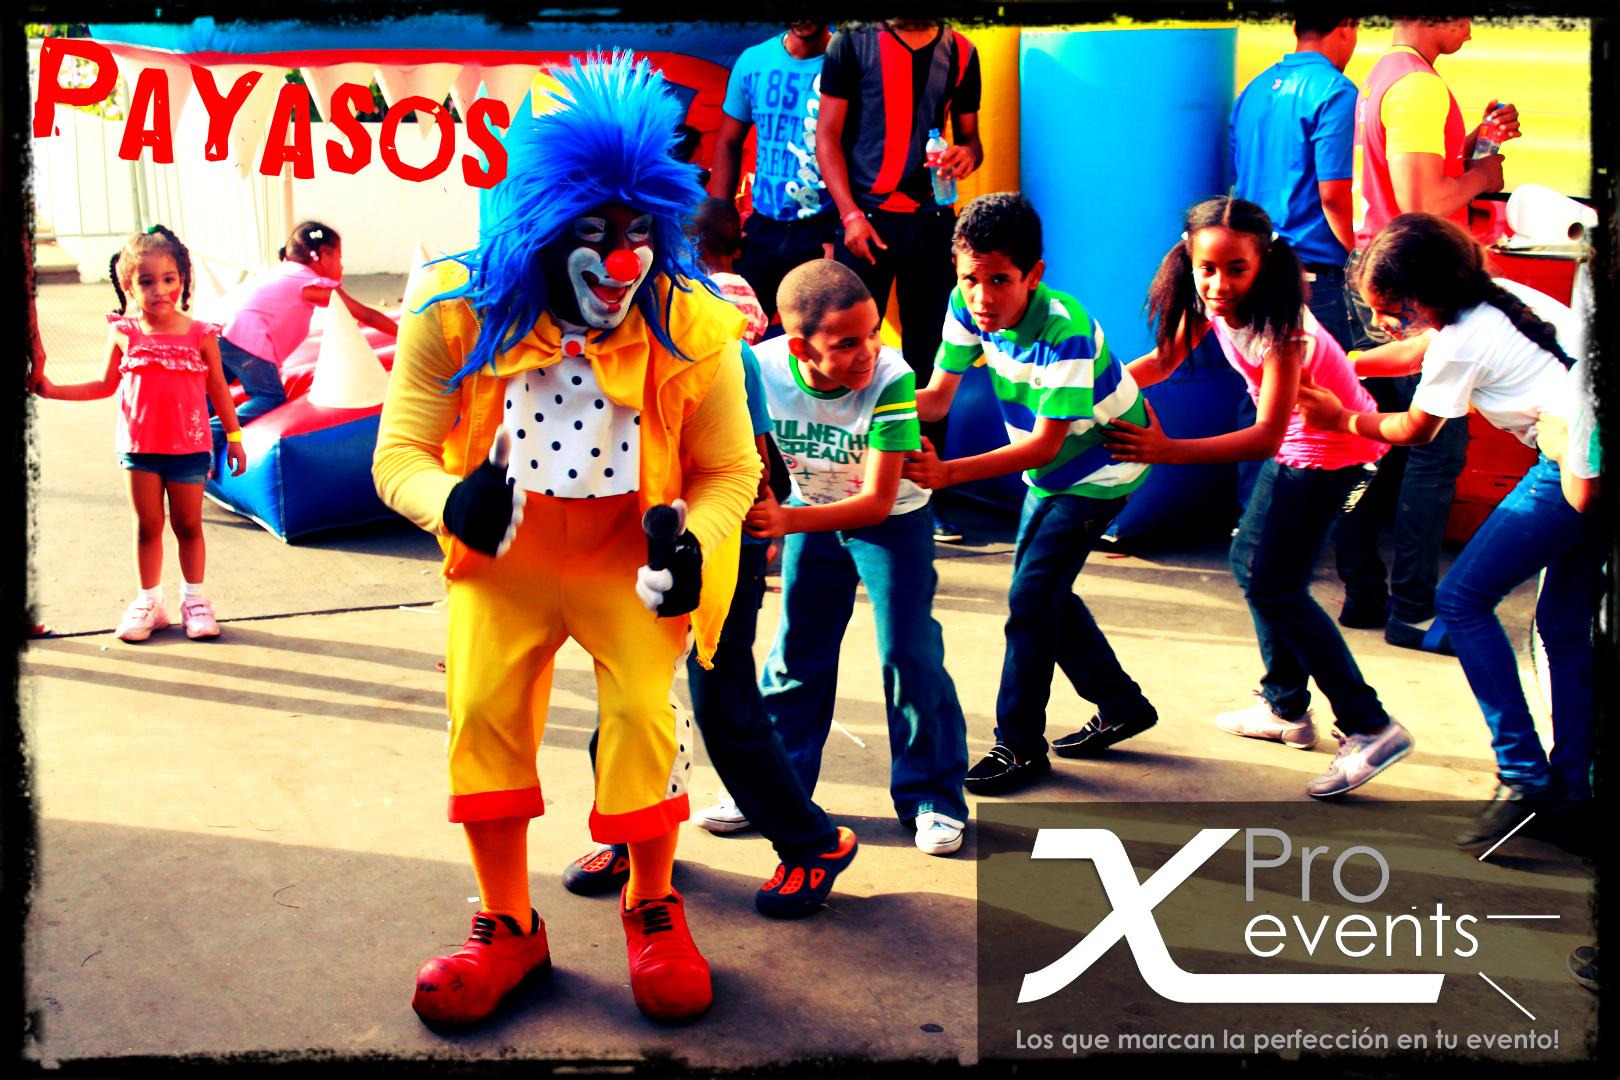 www.Xproevents.com - Payasos para eventos infantiles.JPG